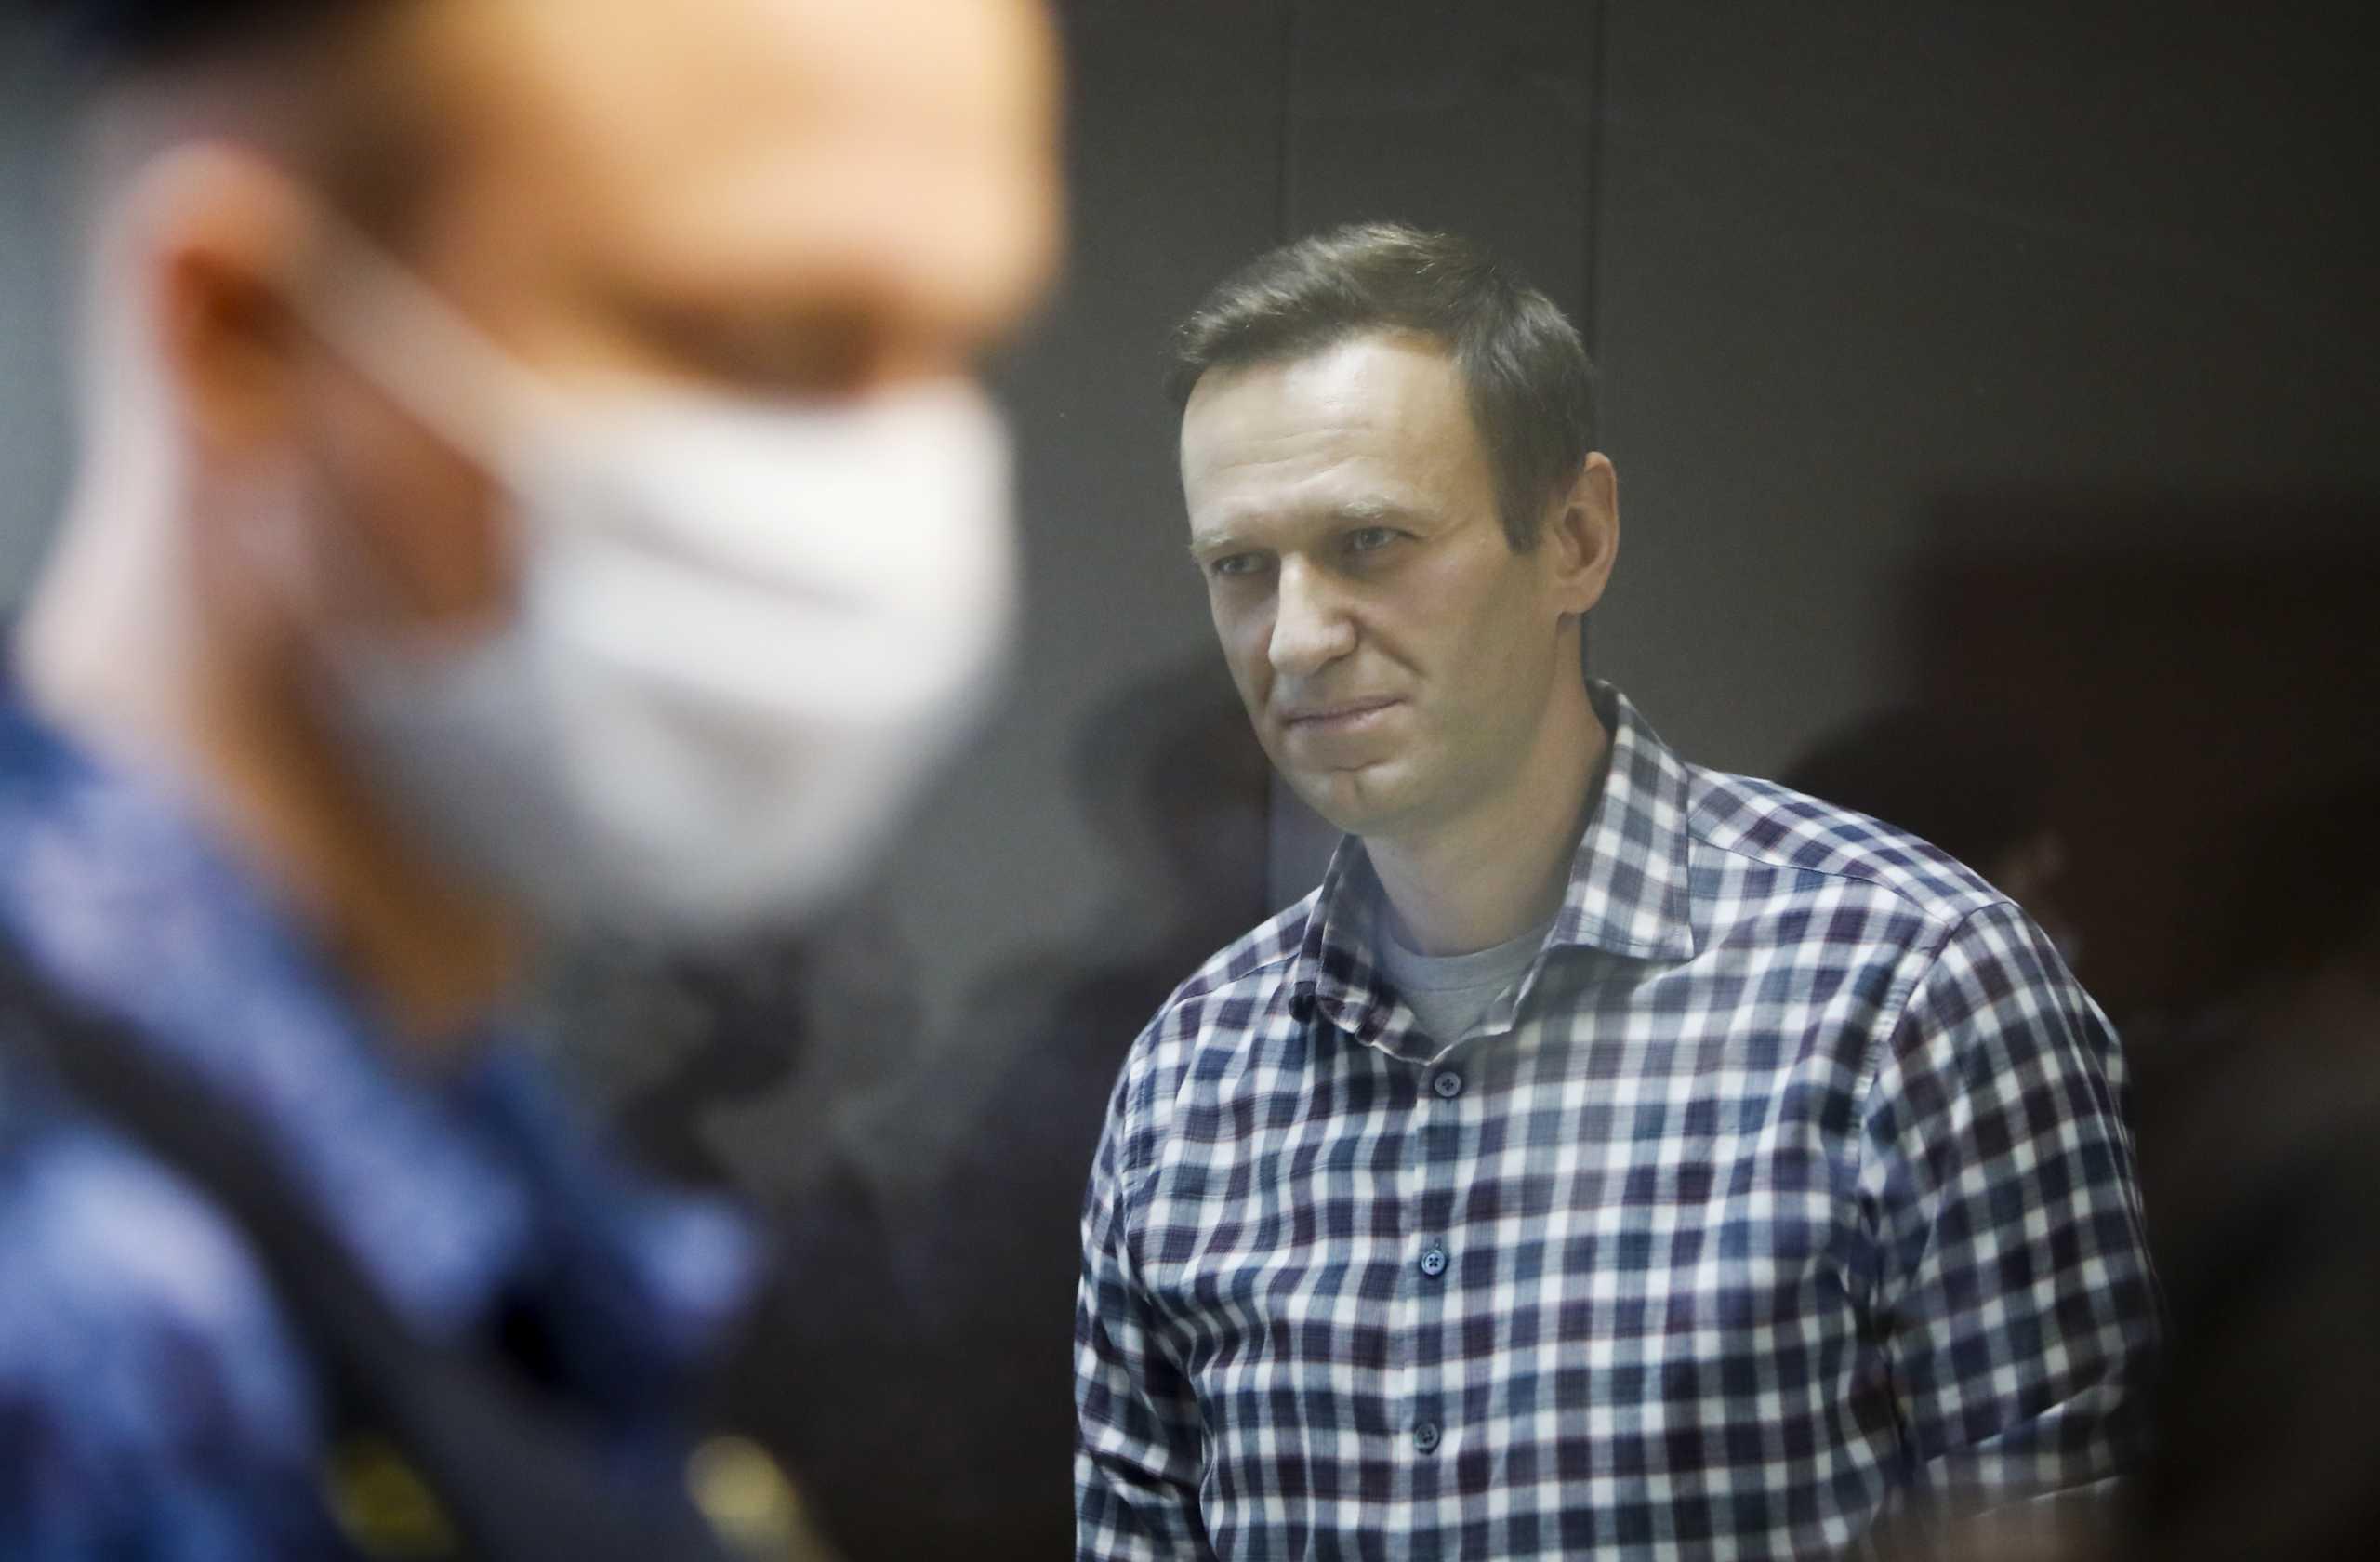 Για «στέρηση ύπνου» καταγγέλλει τις ρωσικές σωφρονιστικές αρχές ο Αλεξέι Ναβάλνι